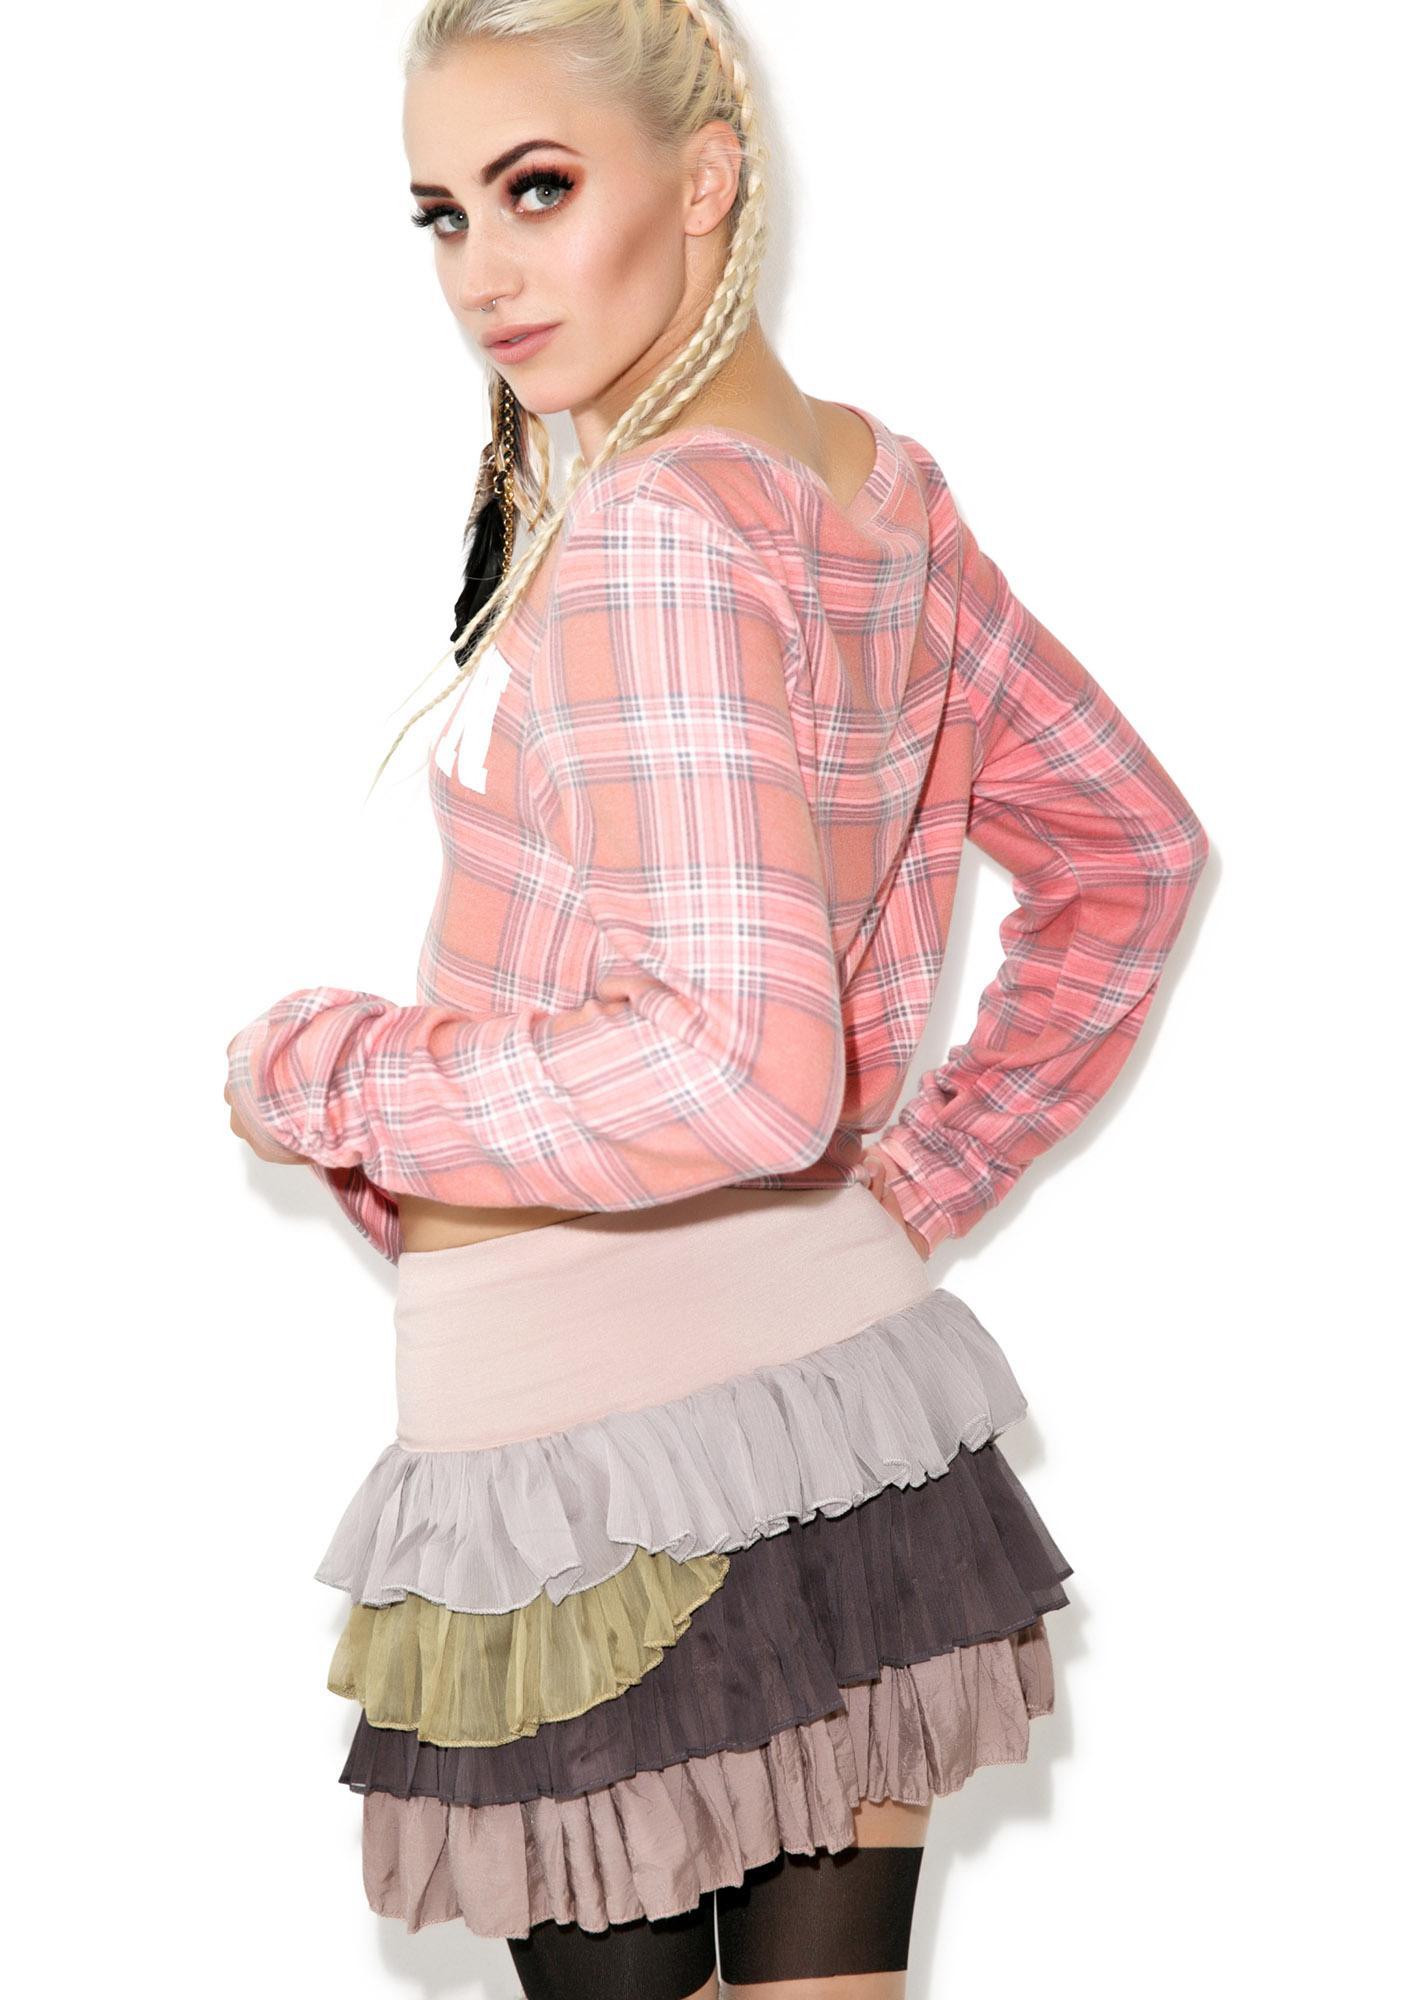 Fairytale Fantasy Skirt